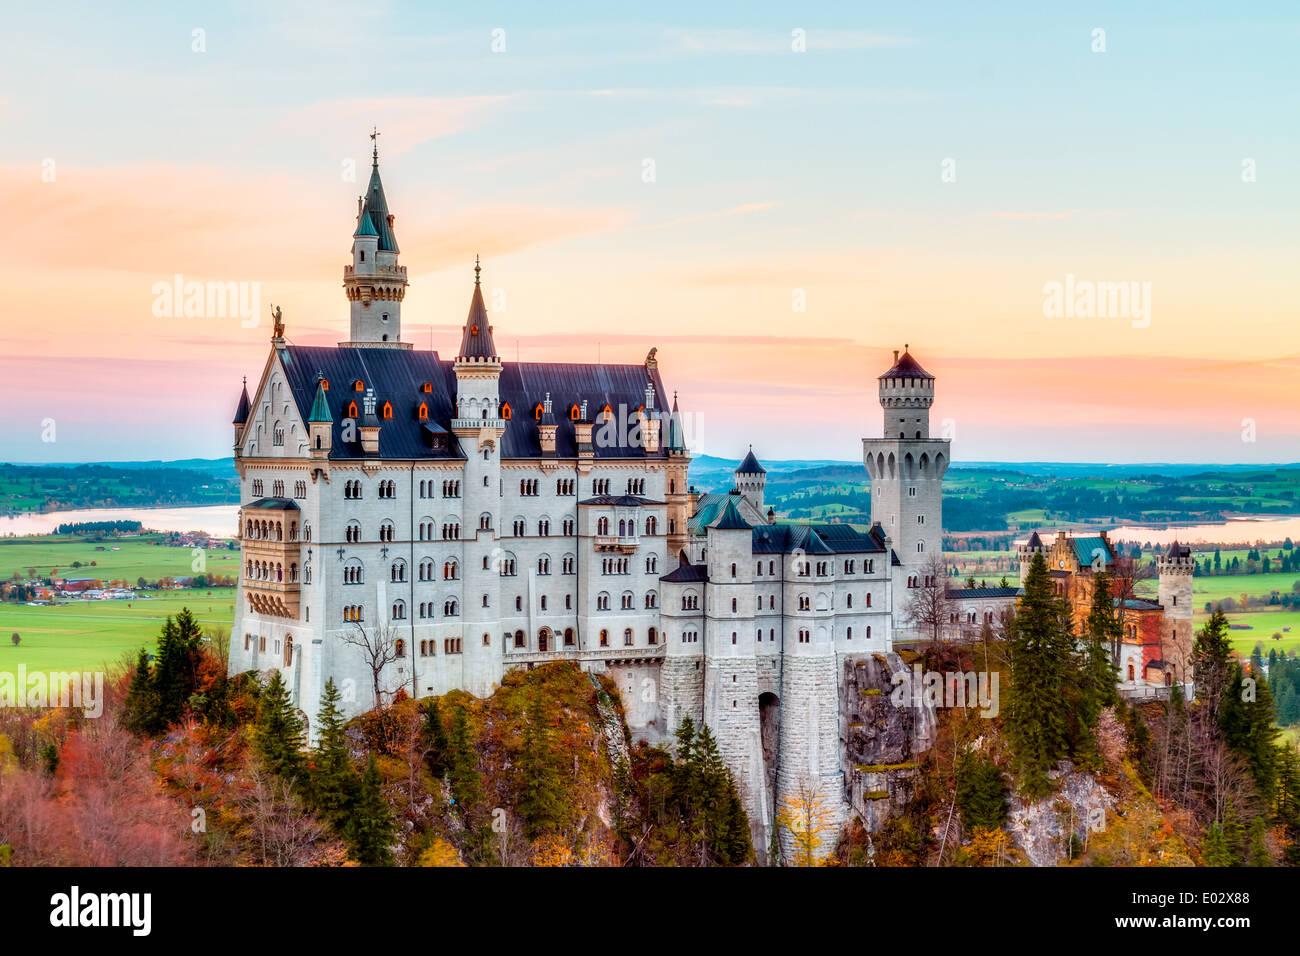 Märchen Schloss Neuschwanstein Bei Sonnenaufgang Im Oktober